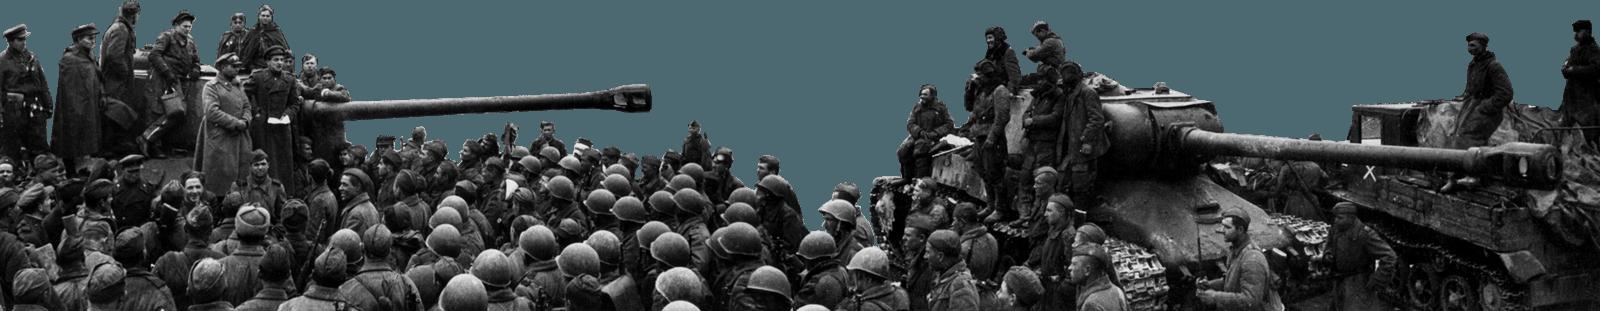 территория занятая фашистами где взять быстро кредит наличными